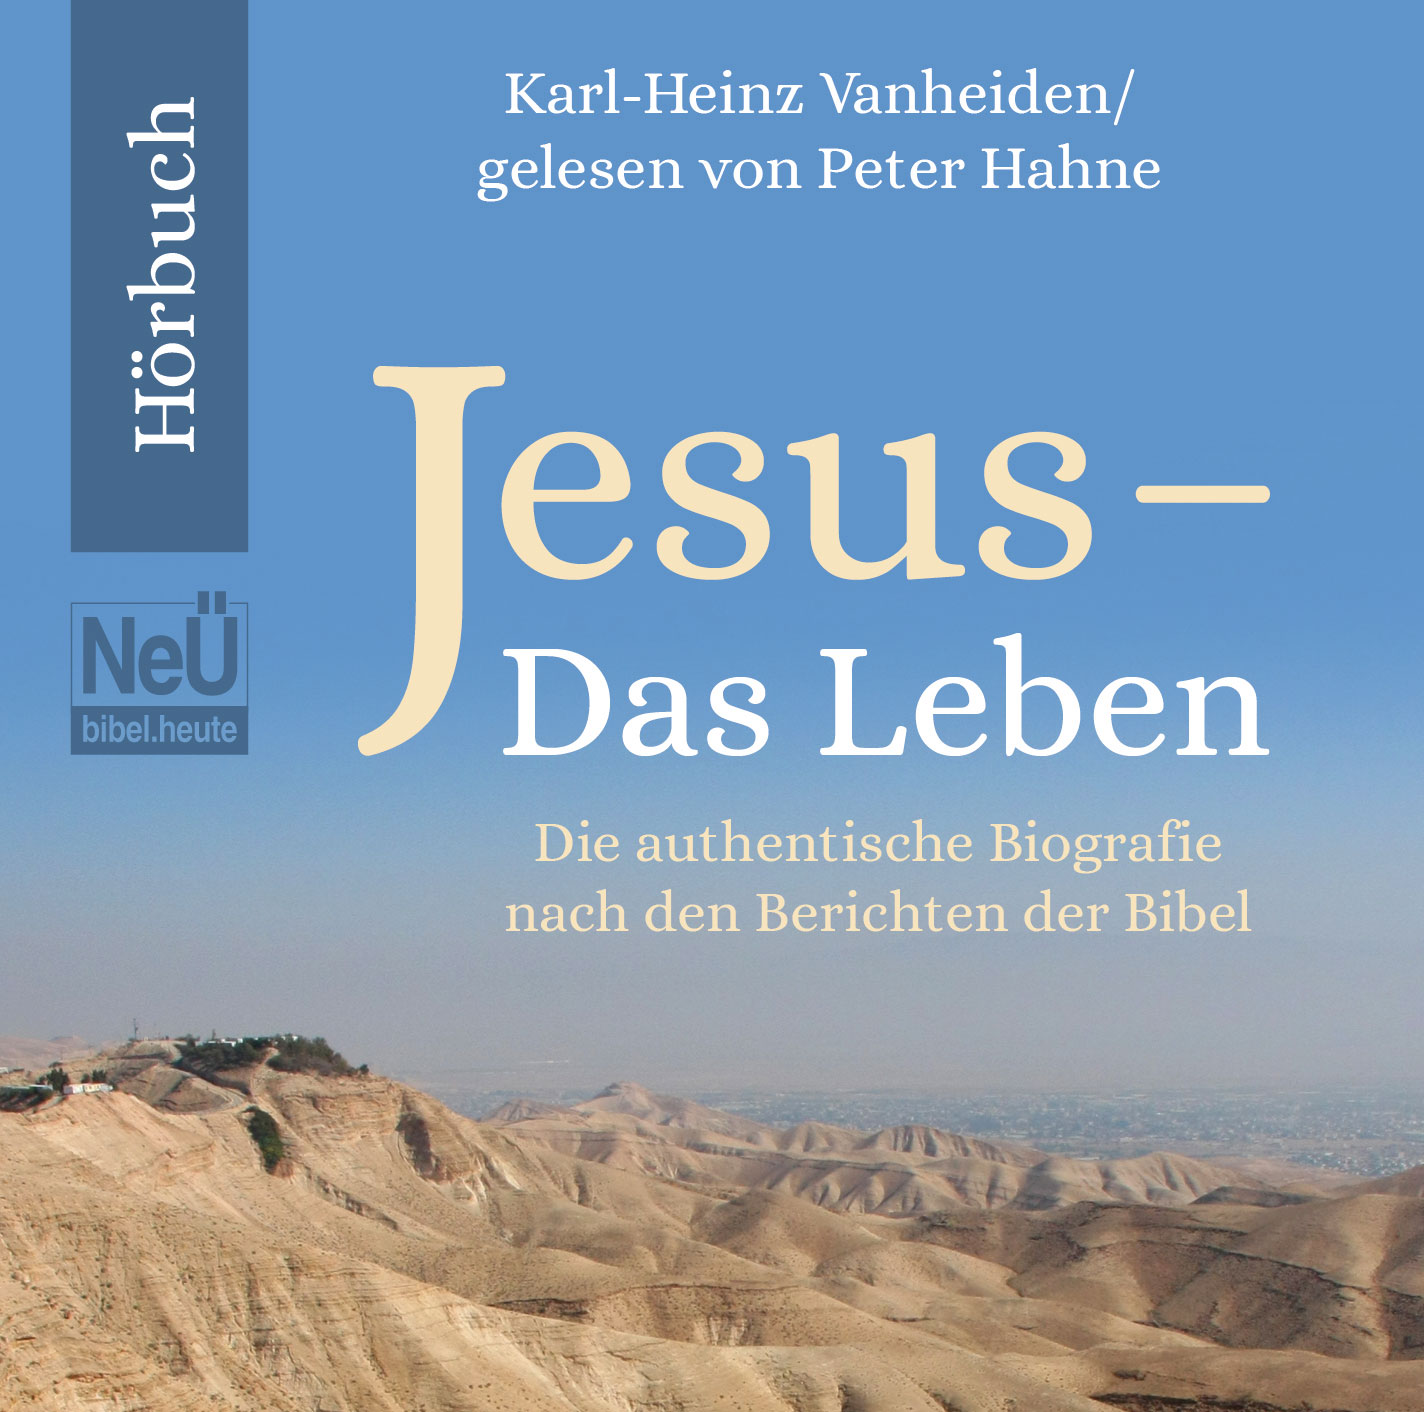 Verlagsprogramm Christliche Verlagsgesellschaft